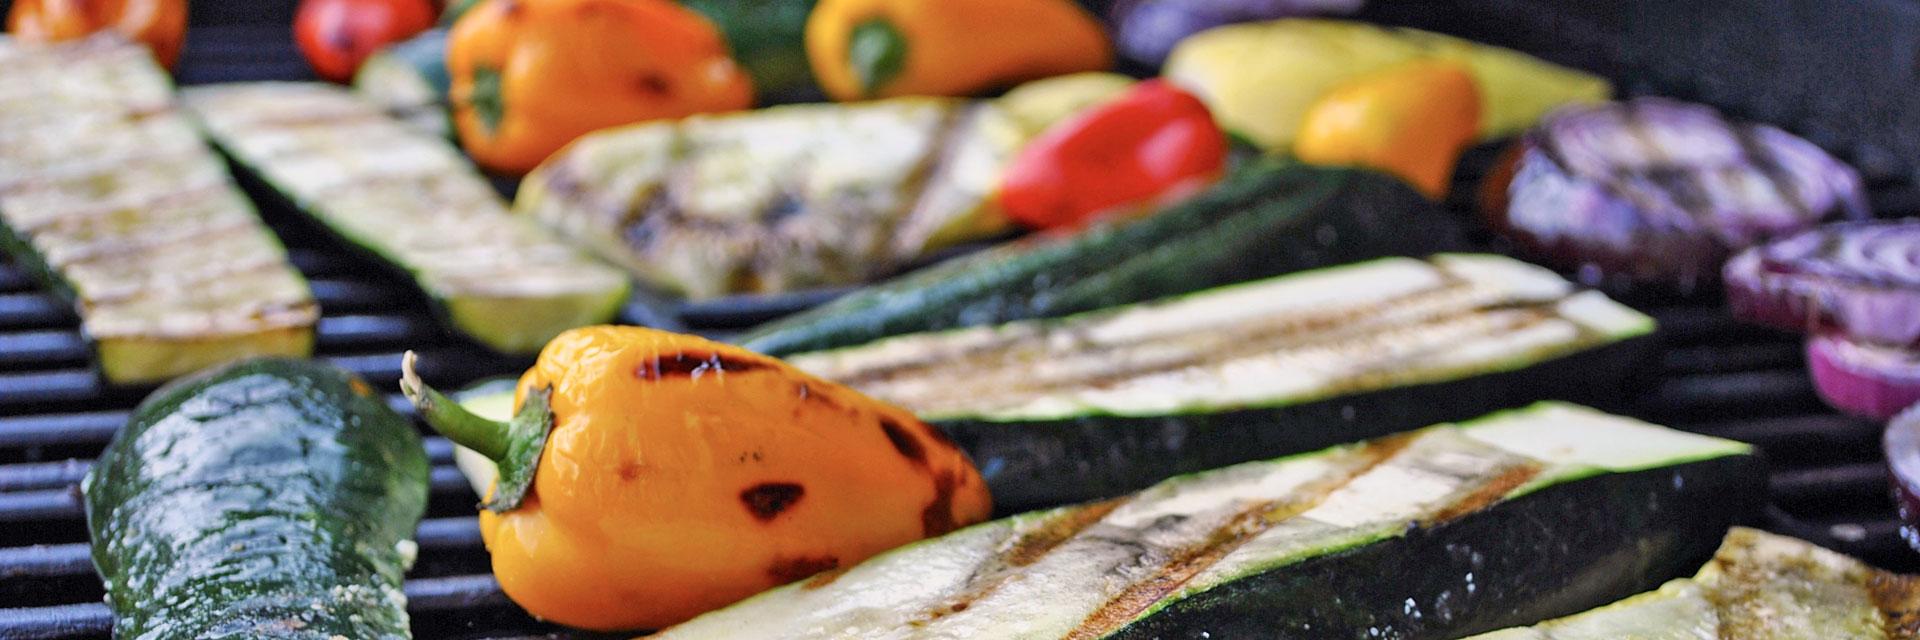 Reichlich Gemüse auf einem Grillrost